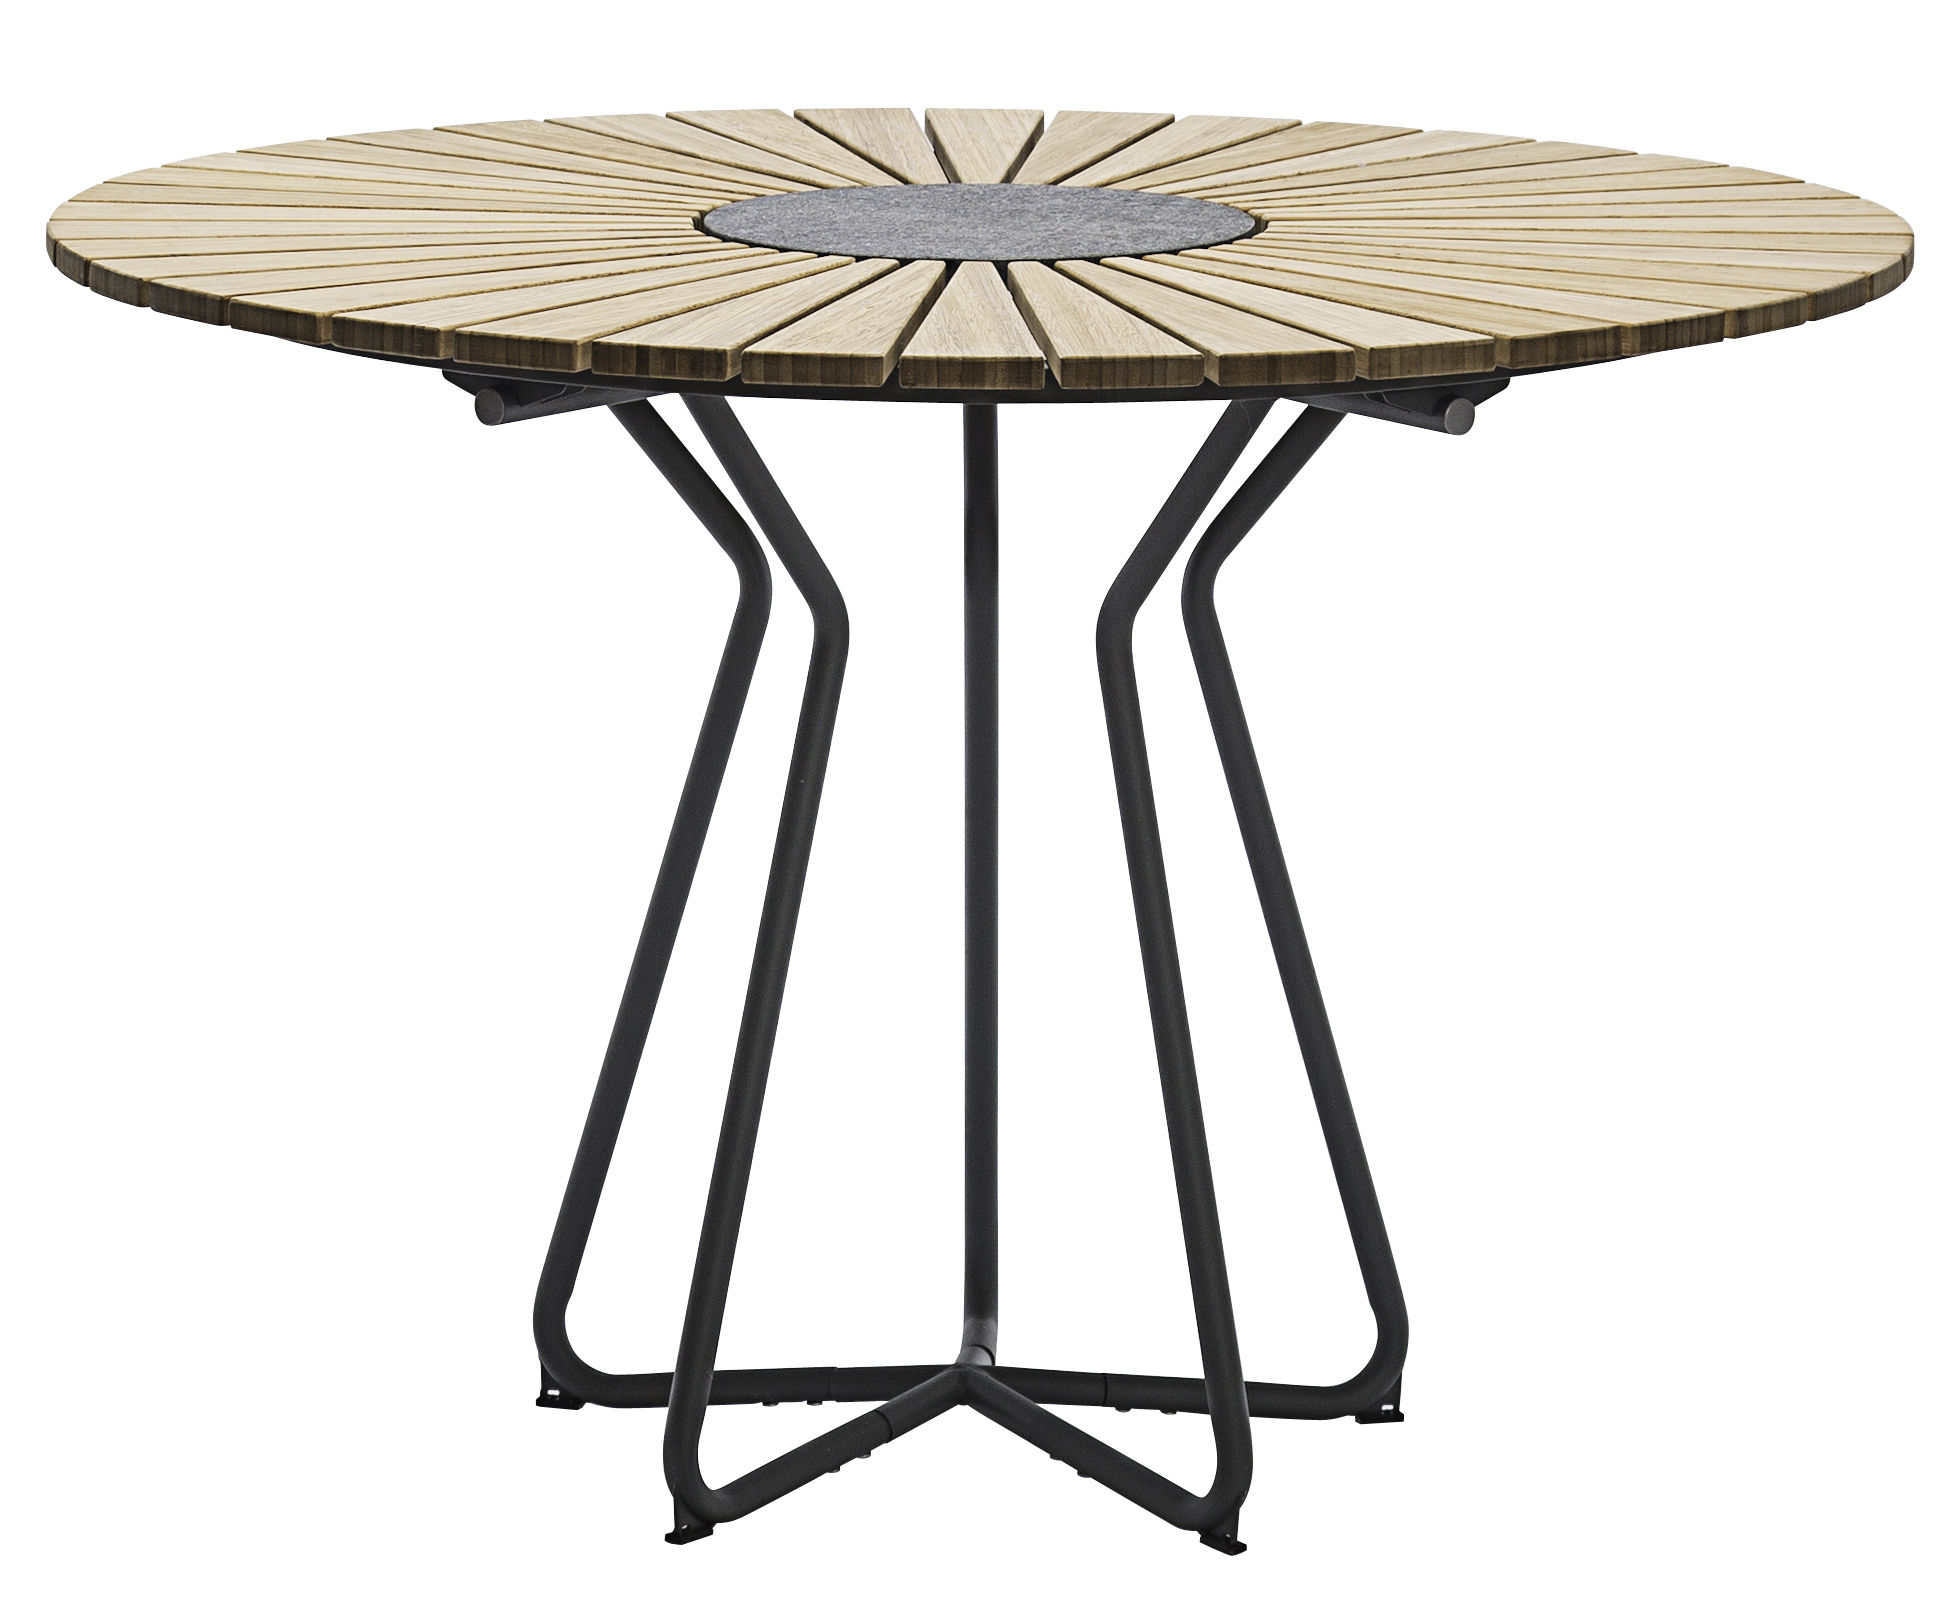 Outdoor - Tables de jardin - Table ronde Circle /  Ø 110 cm - Bambou & granit - Houe - Bambou / Piètement gris - Bambou, Granit, Métal laqué époxy